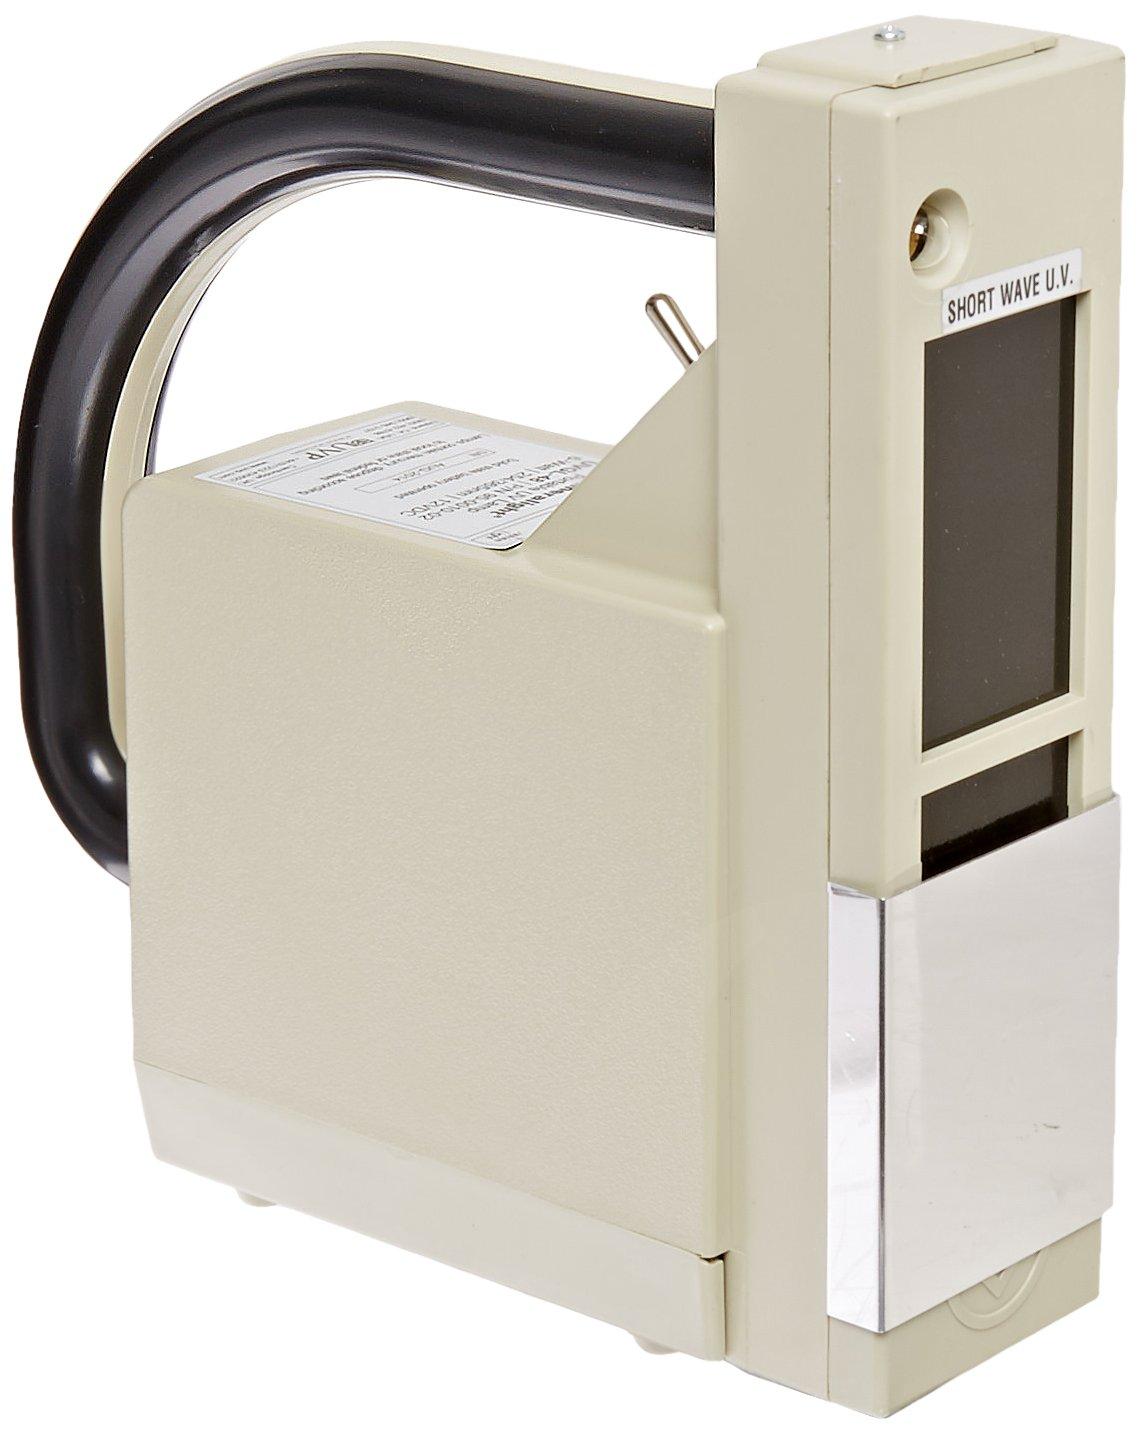 UVP 95-0010-02 Model UVGL-48 Portable UV Lamp, 254nm Wavelength, 115V